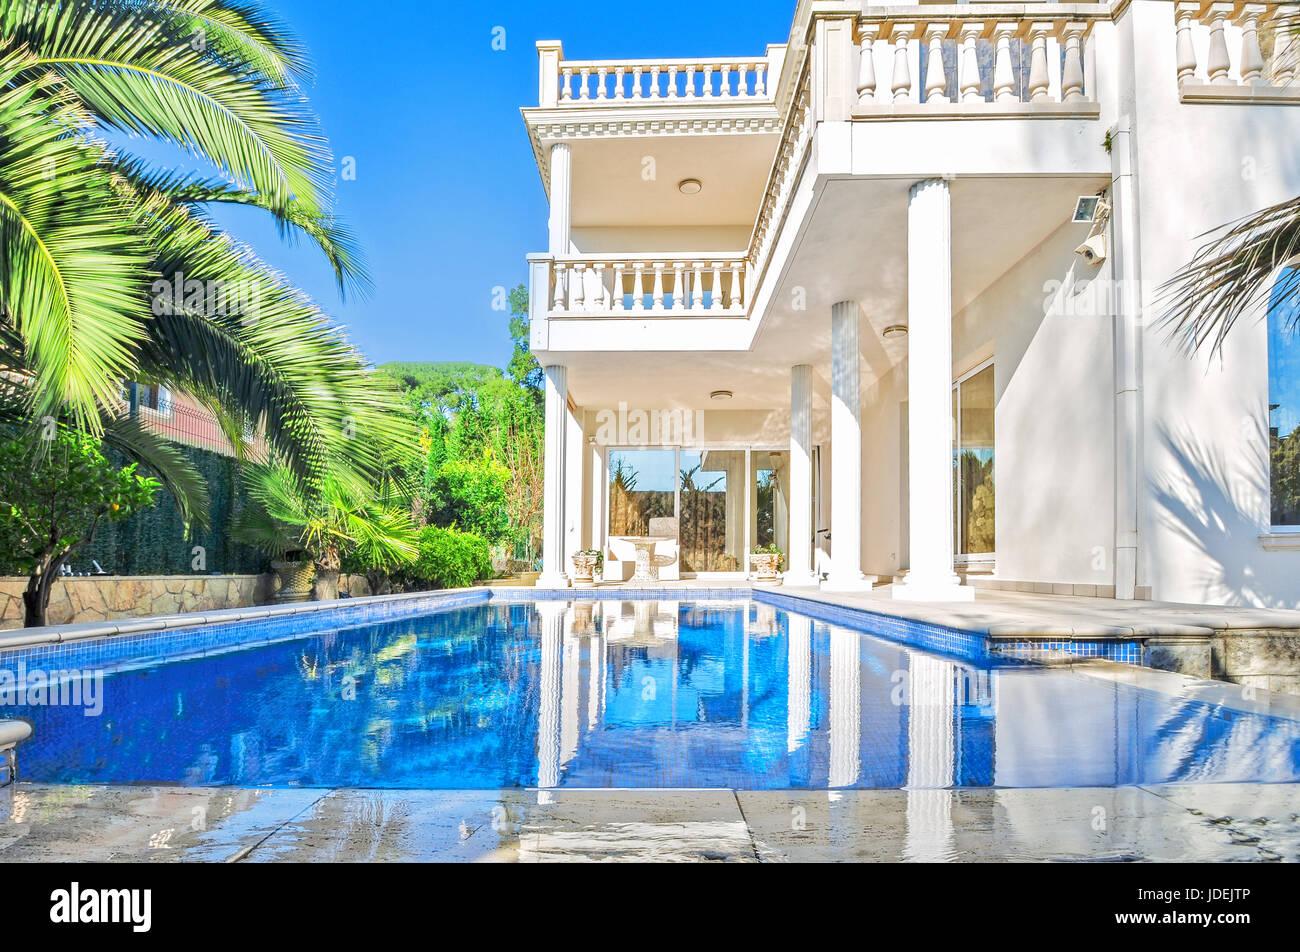 Weiße Luxus-Haus mit Pool. Luxus-Villa im klassischen Stil mit ...